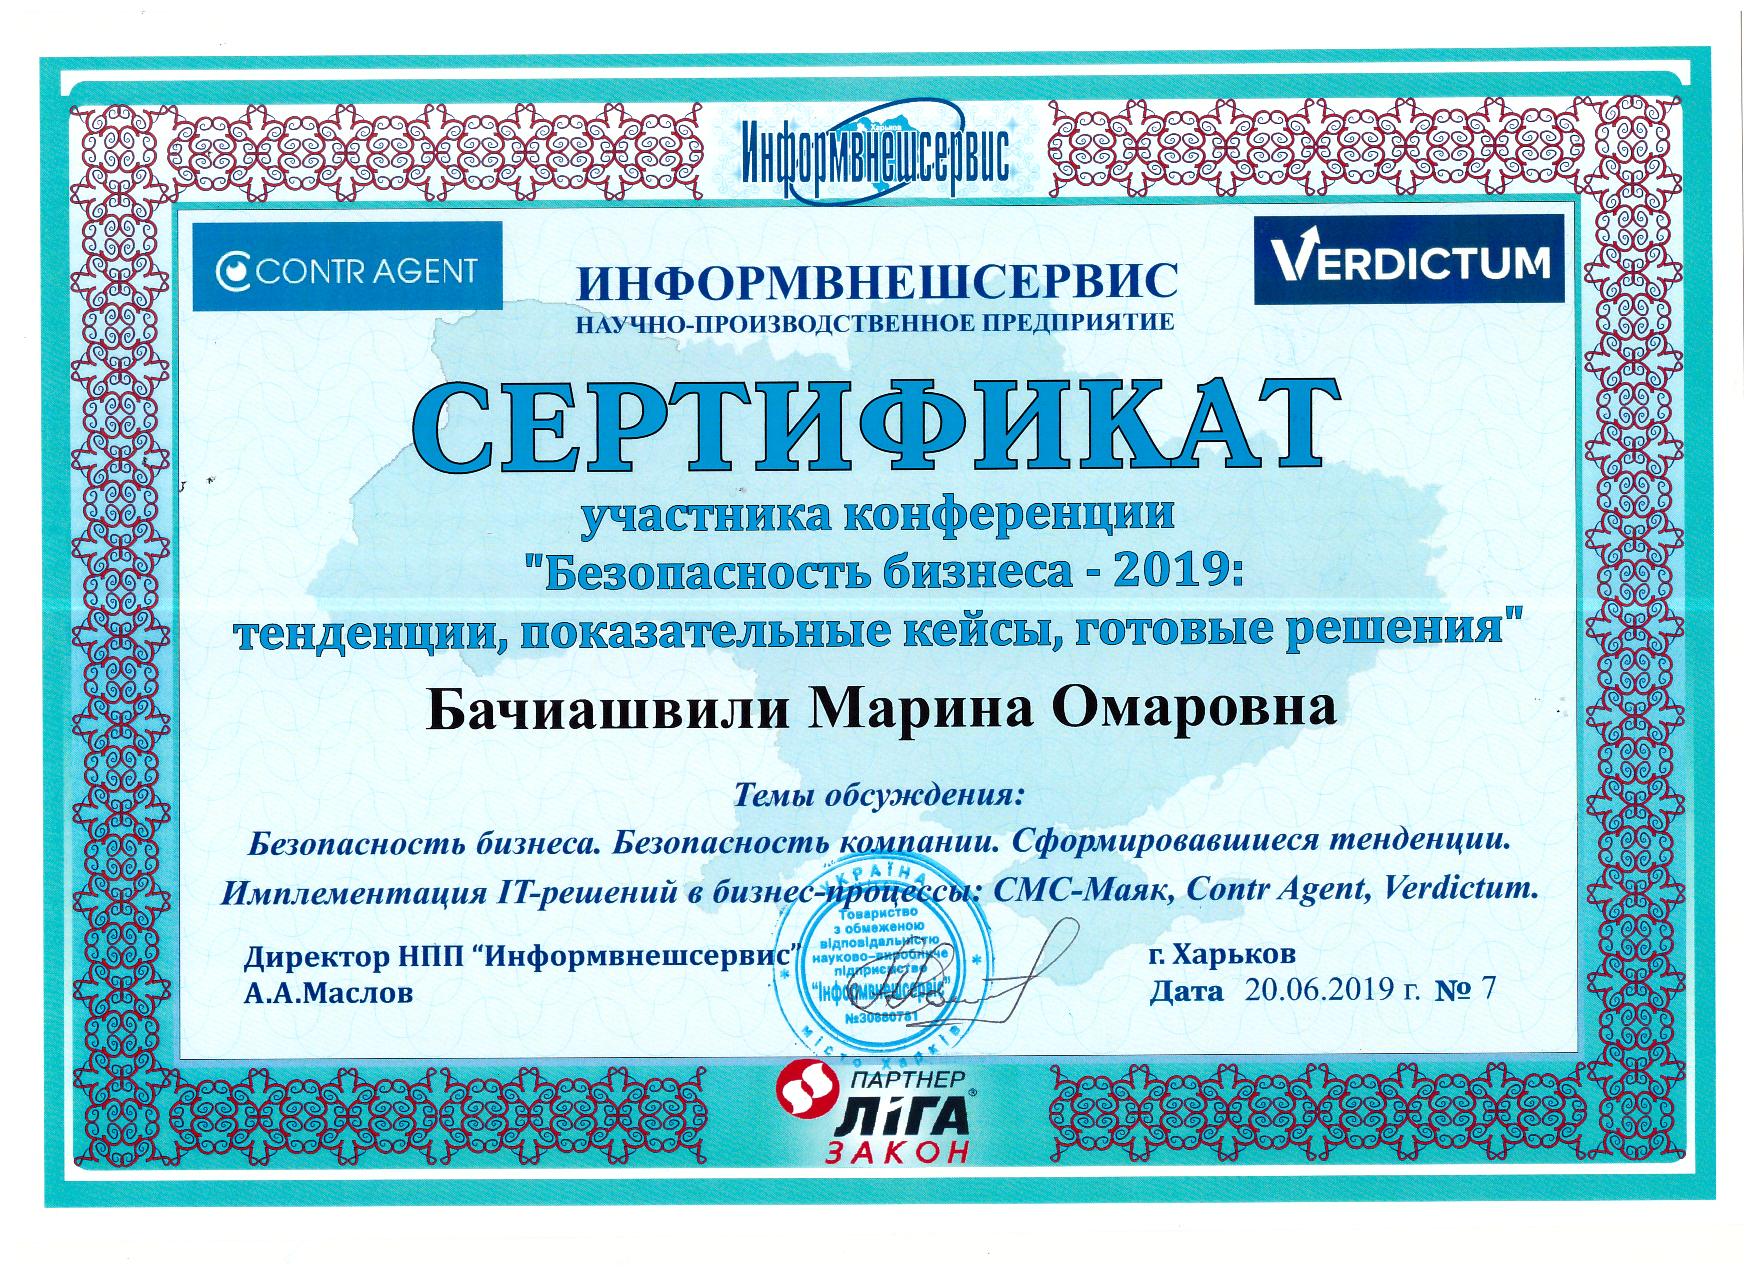 """Сертификат участника конференции """"Безопасность бизнеса"""" - адвокат Бачиашвили М.О."""